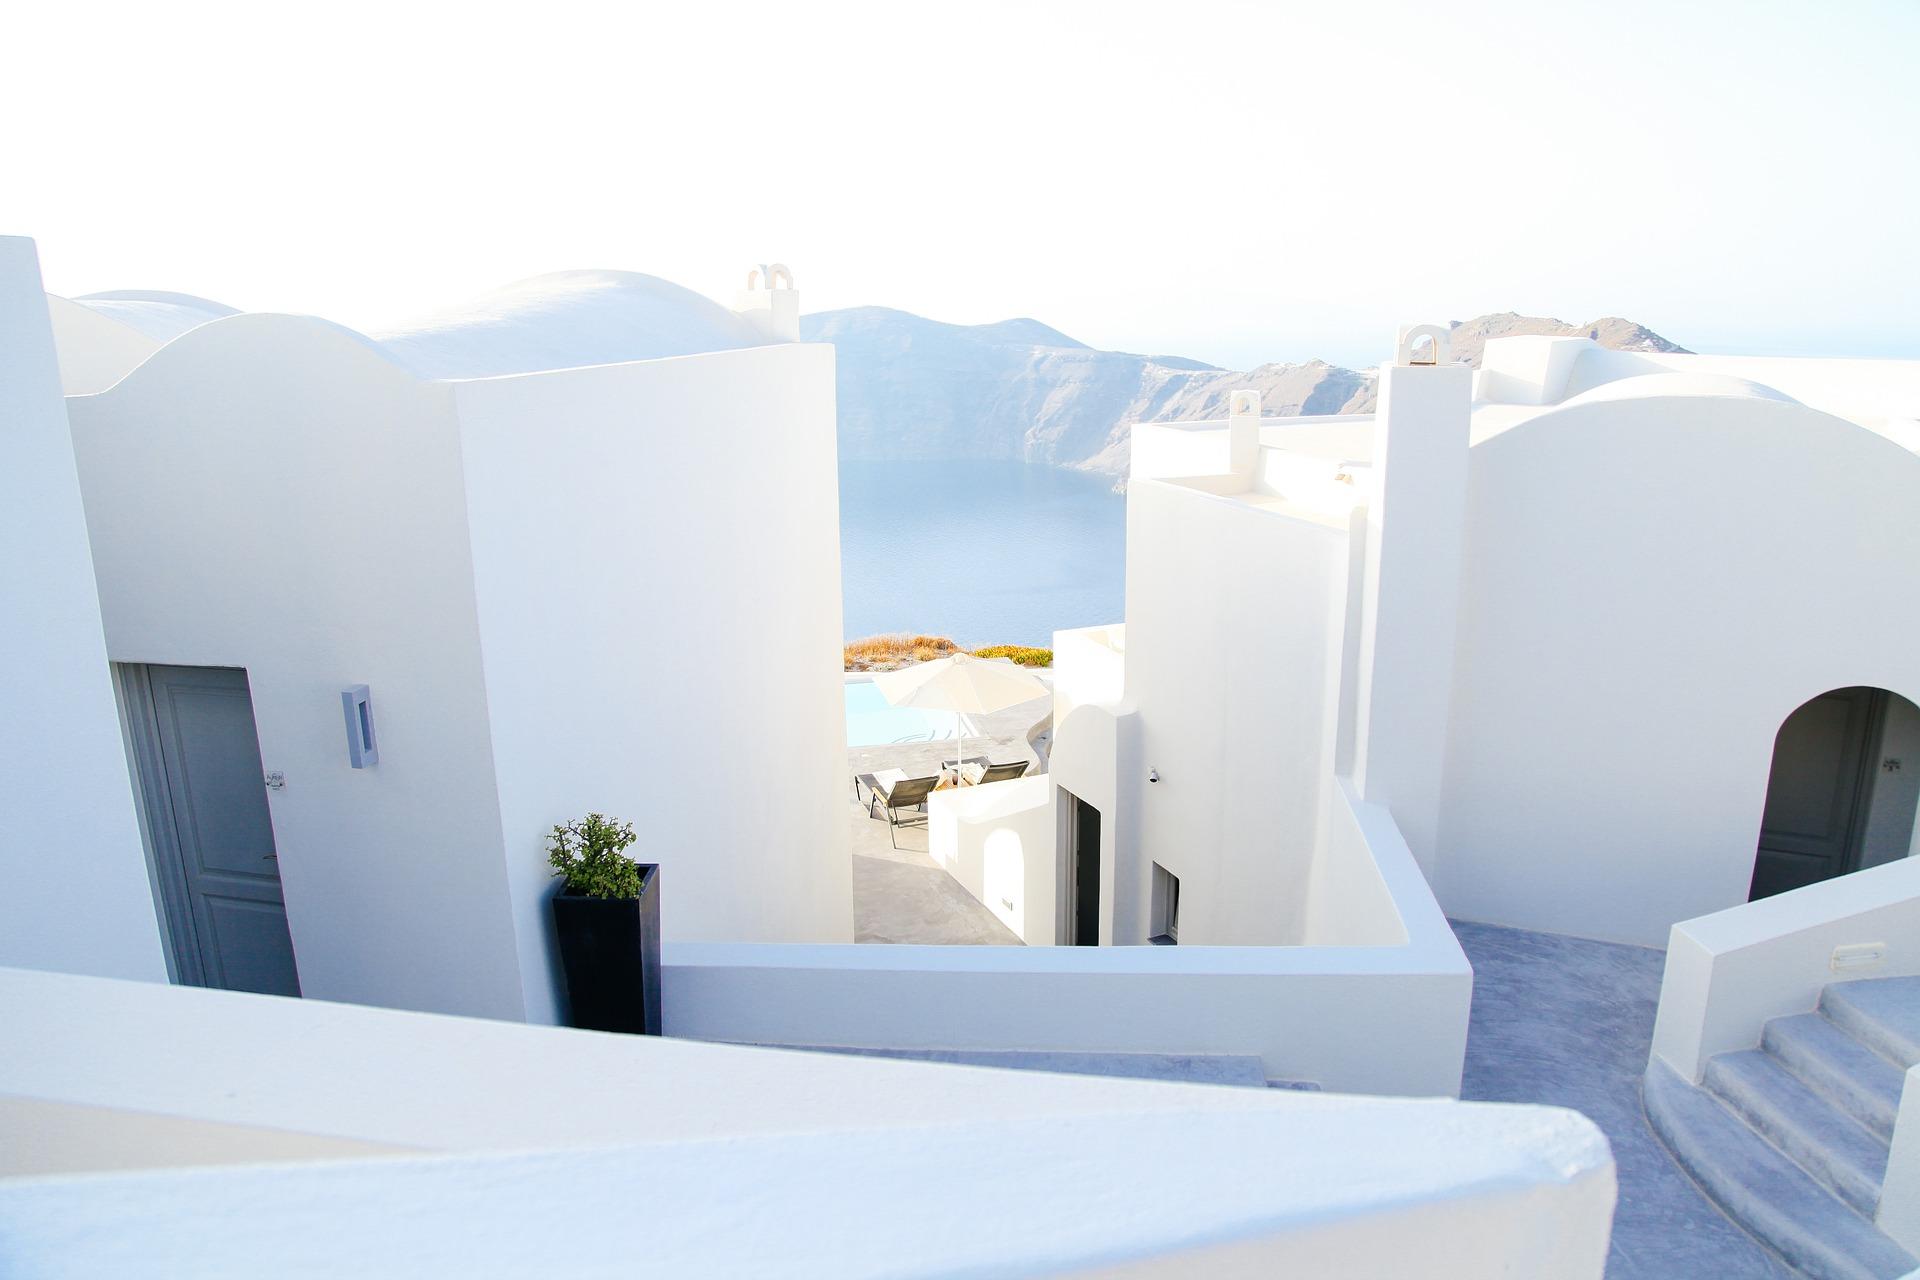 greece-820415_1920.jpg